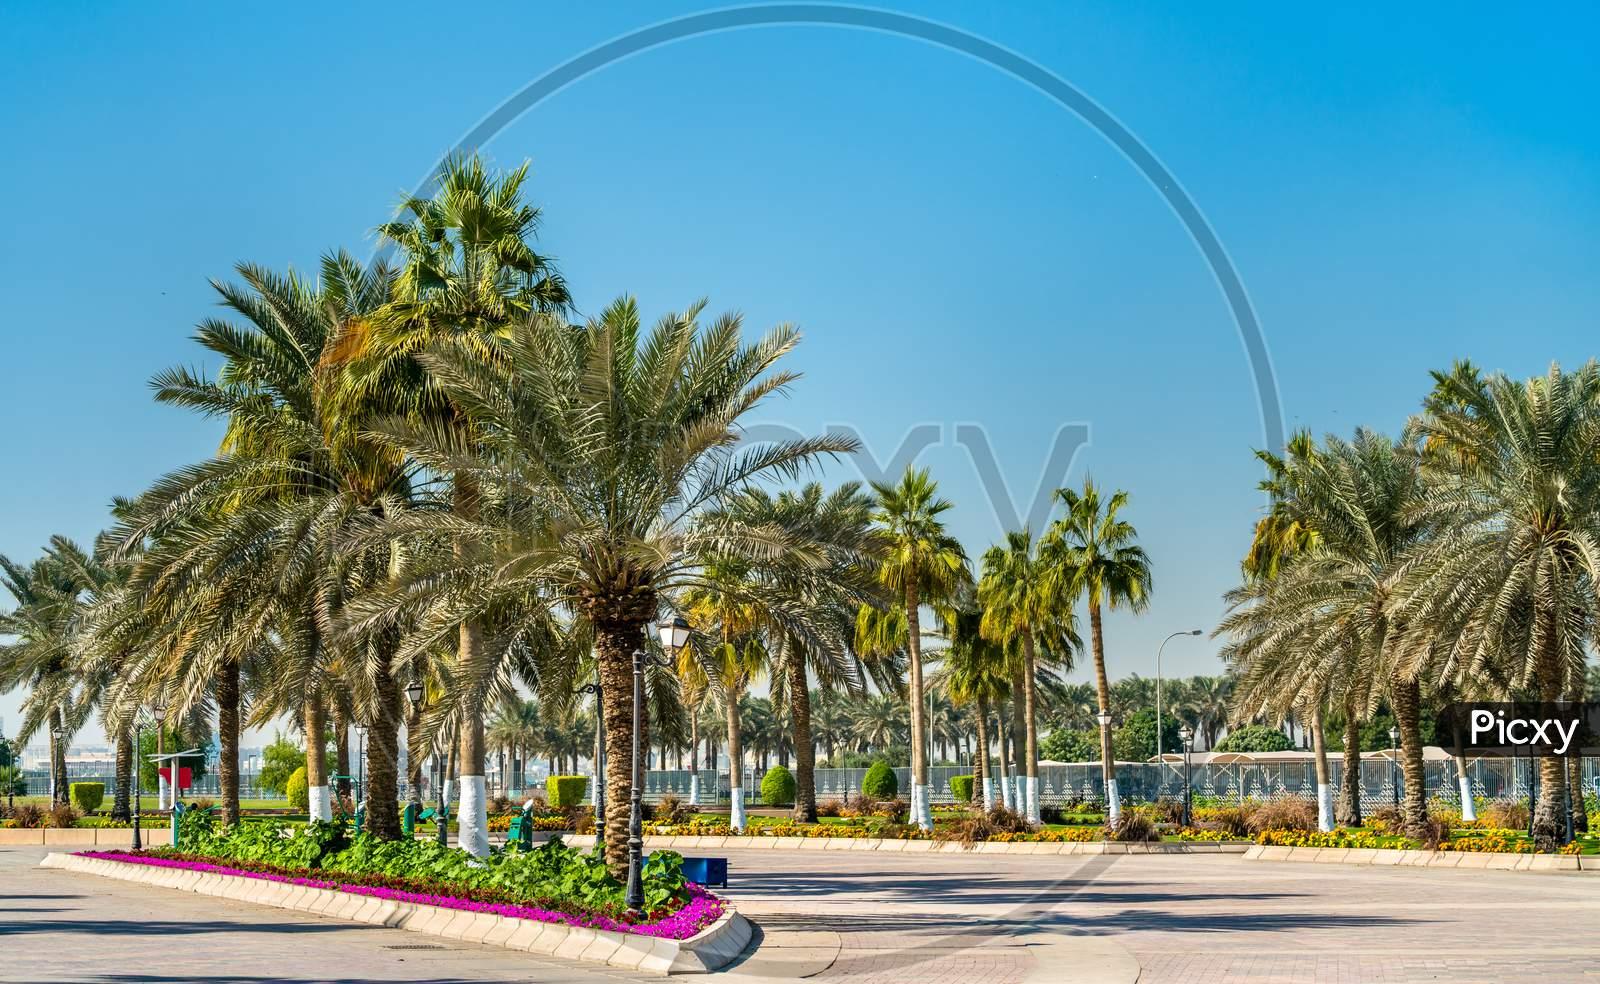 Corniche Promenade Park In Doha, Qatar